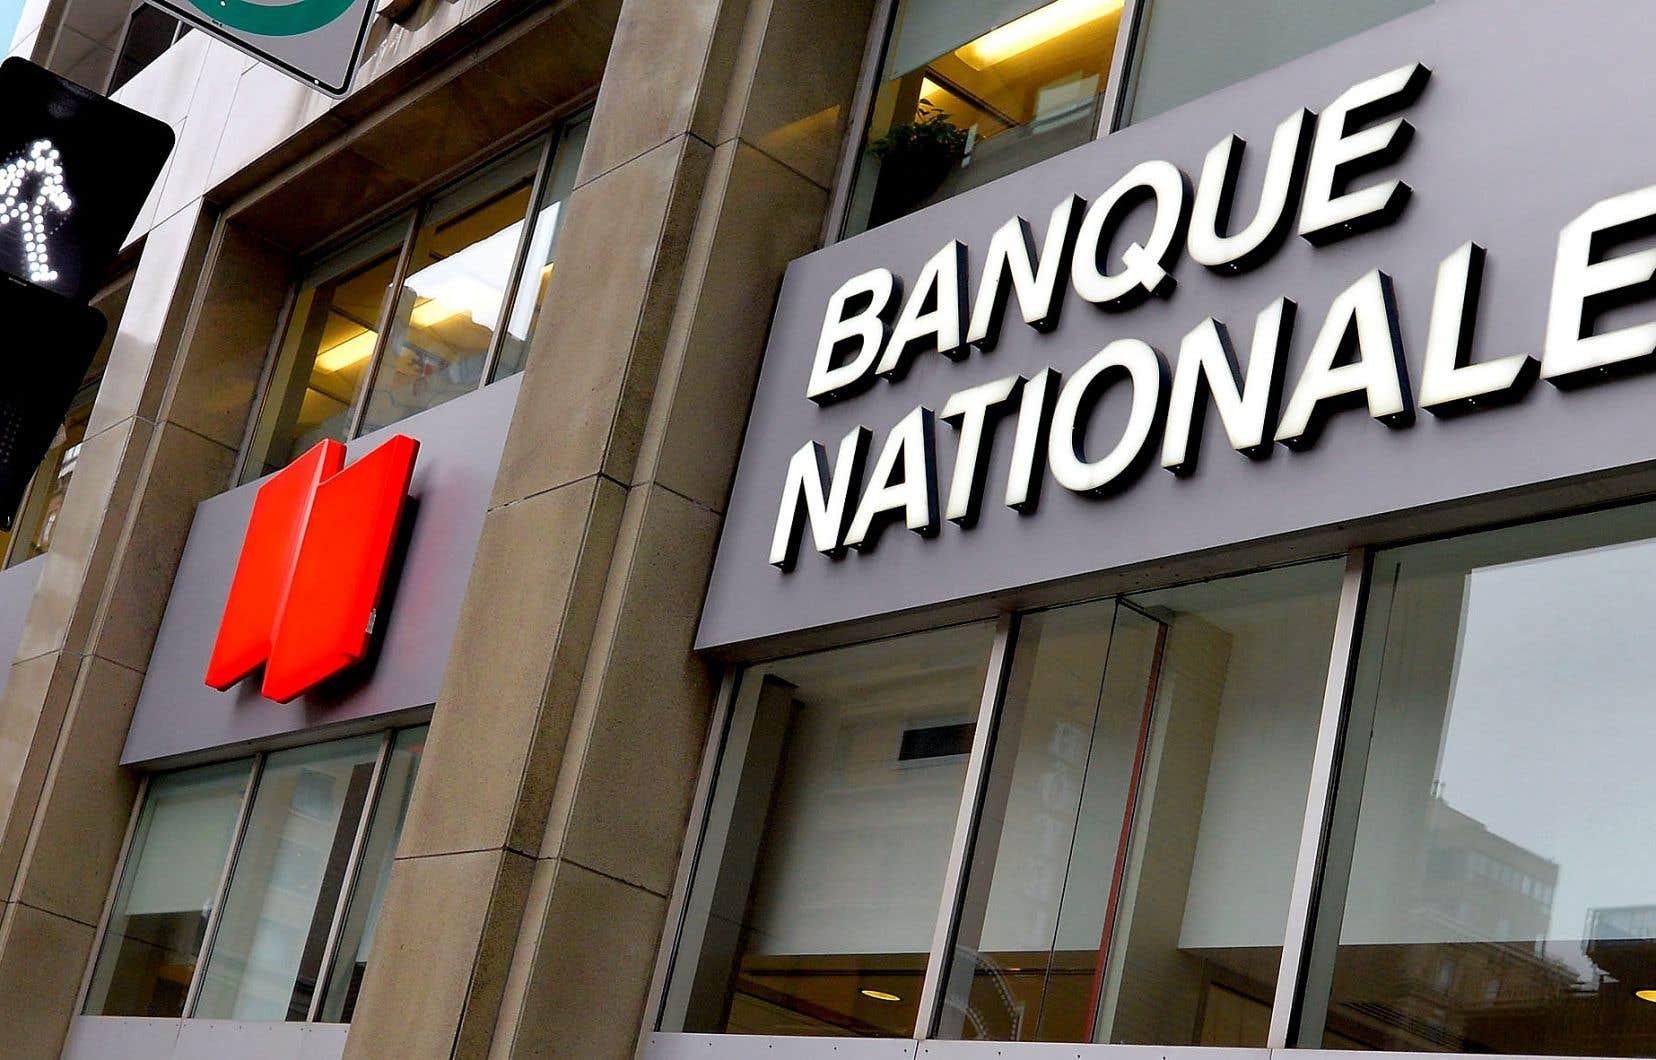 Si la sixième banque en importance au pays désire réduire ses dépenses, elle n'a pas l'intention de procéder à d'importants licenciements, comme cela avait été le cas en 2015 et 2016.